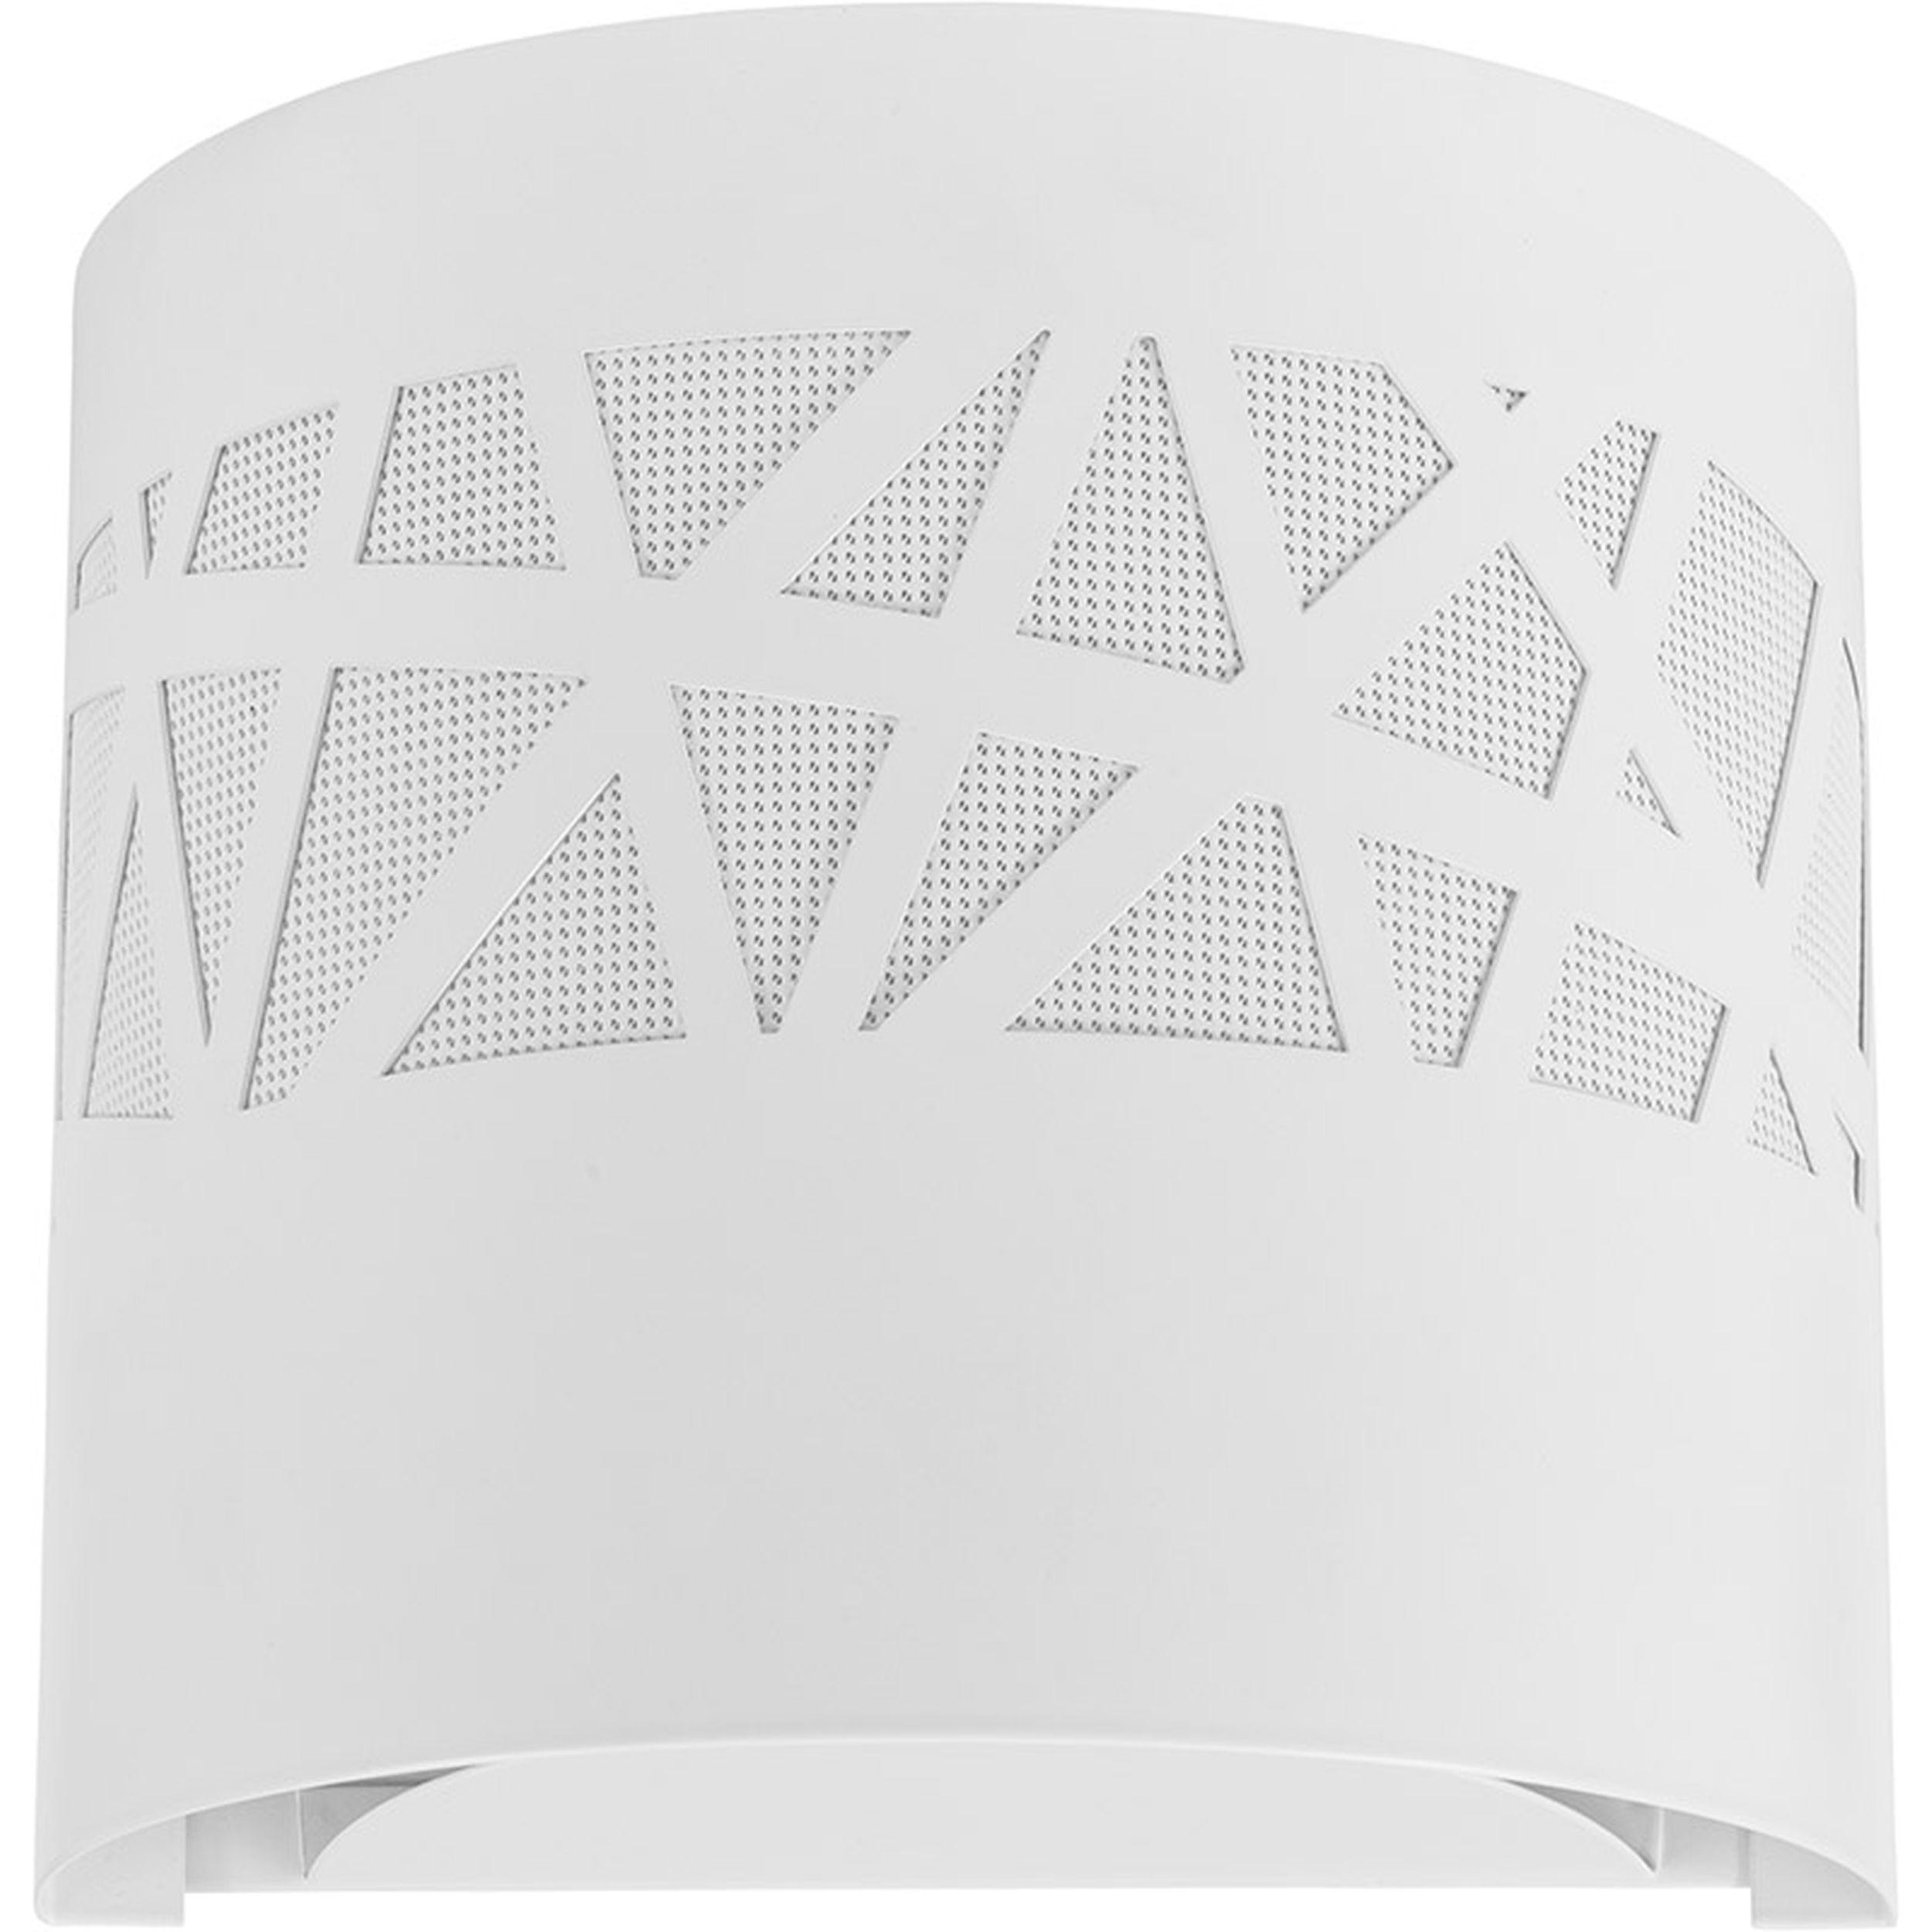 Kinkiet Sigma Moduł Ażur Biały